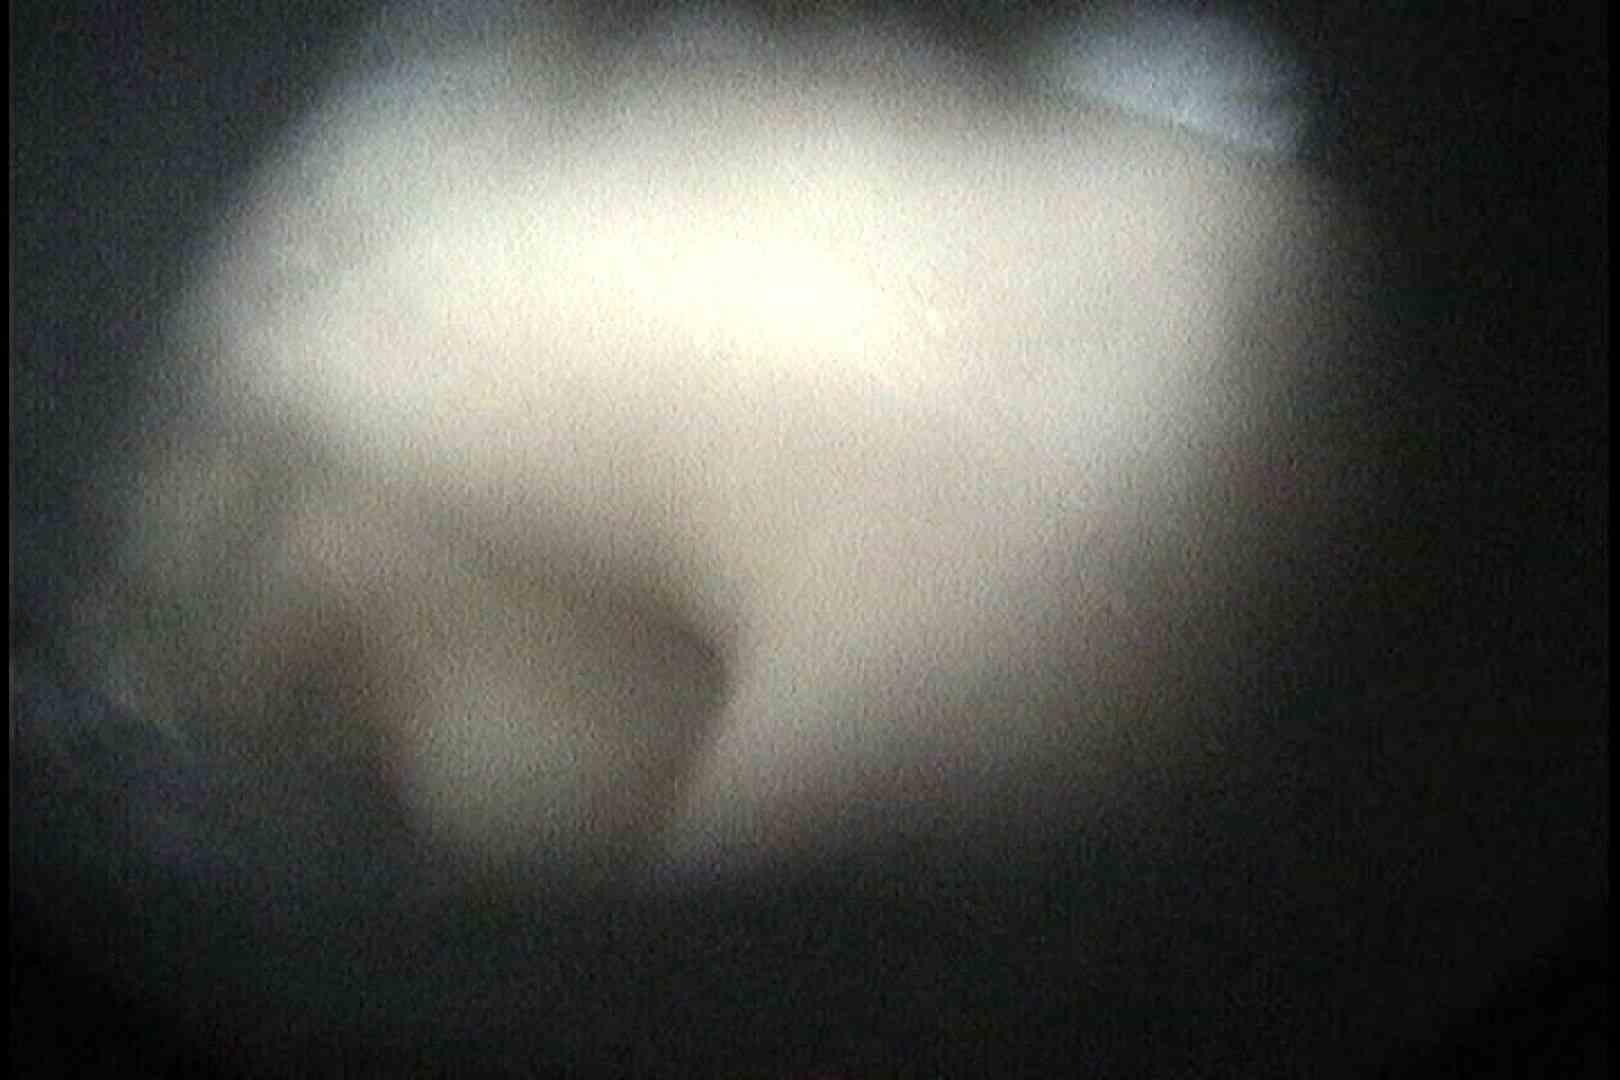 無修正エロ動画|No.18 小さい割にはたれ気味の乳房|怪盗ジョーカー